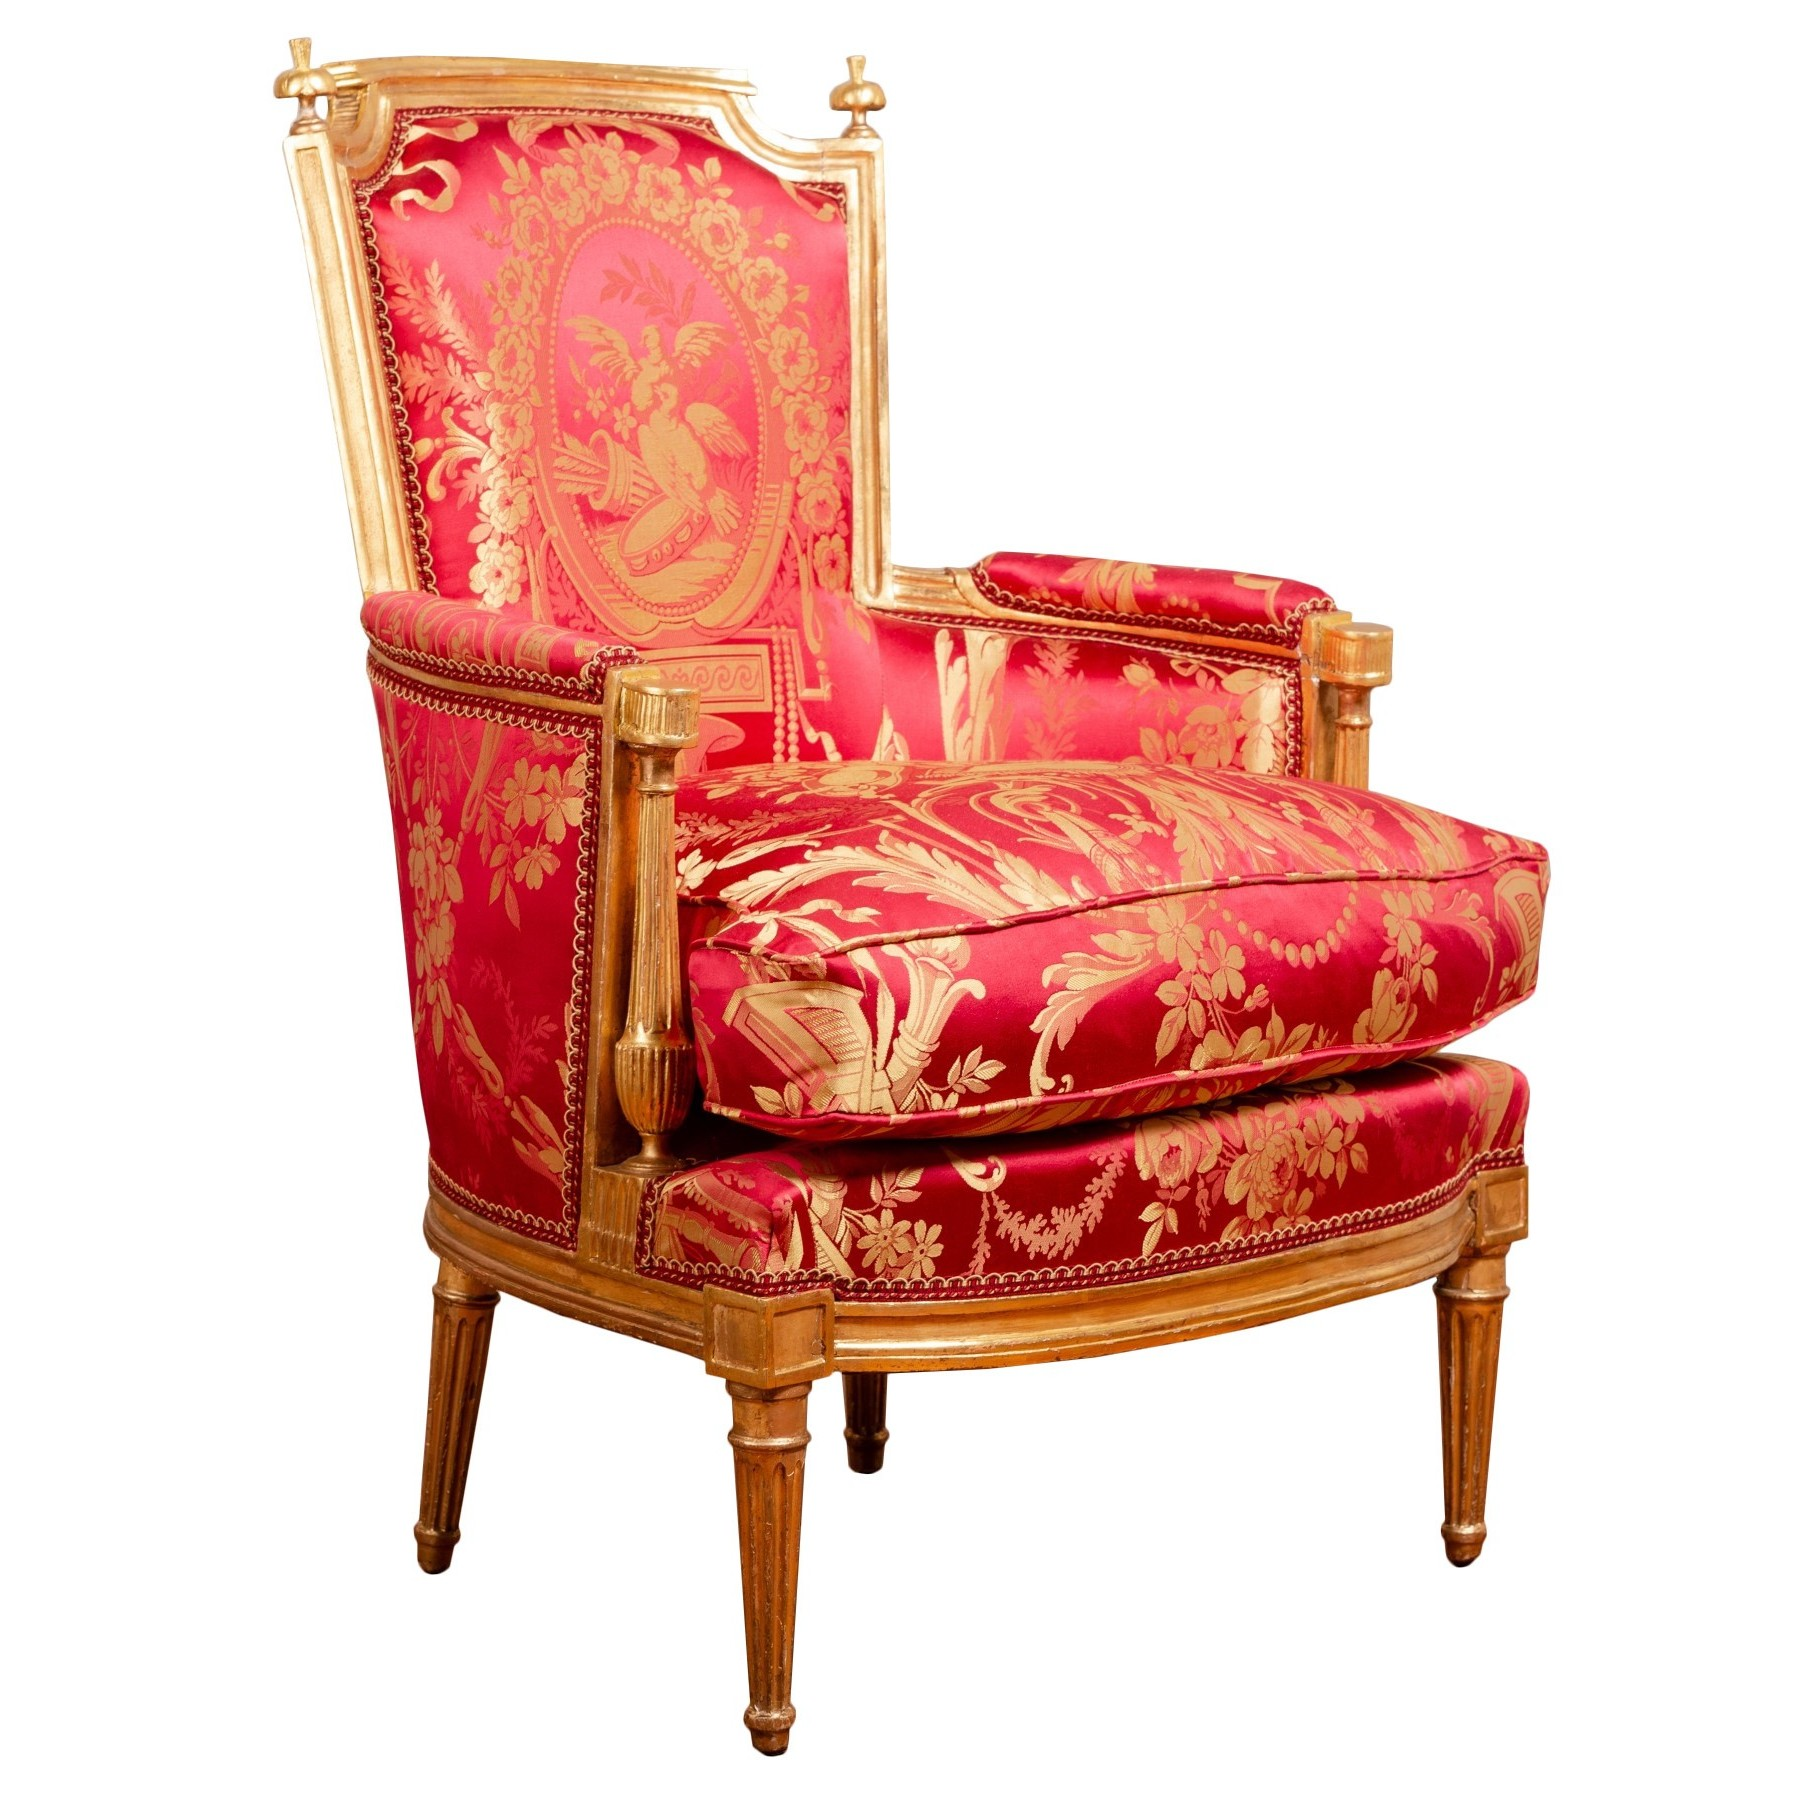 Bergère cabriolet d'apparat d'époque Louis XVI en bois sculpté et doré et damas de soie rouge